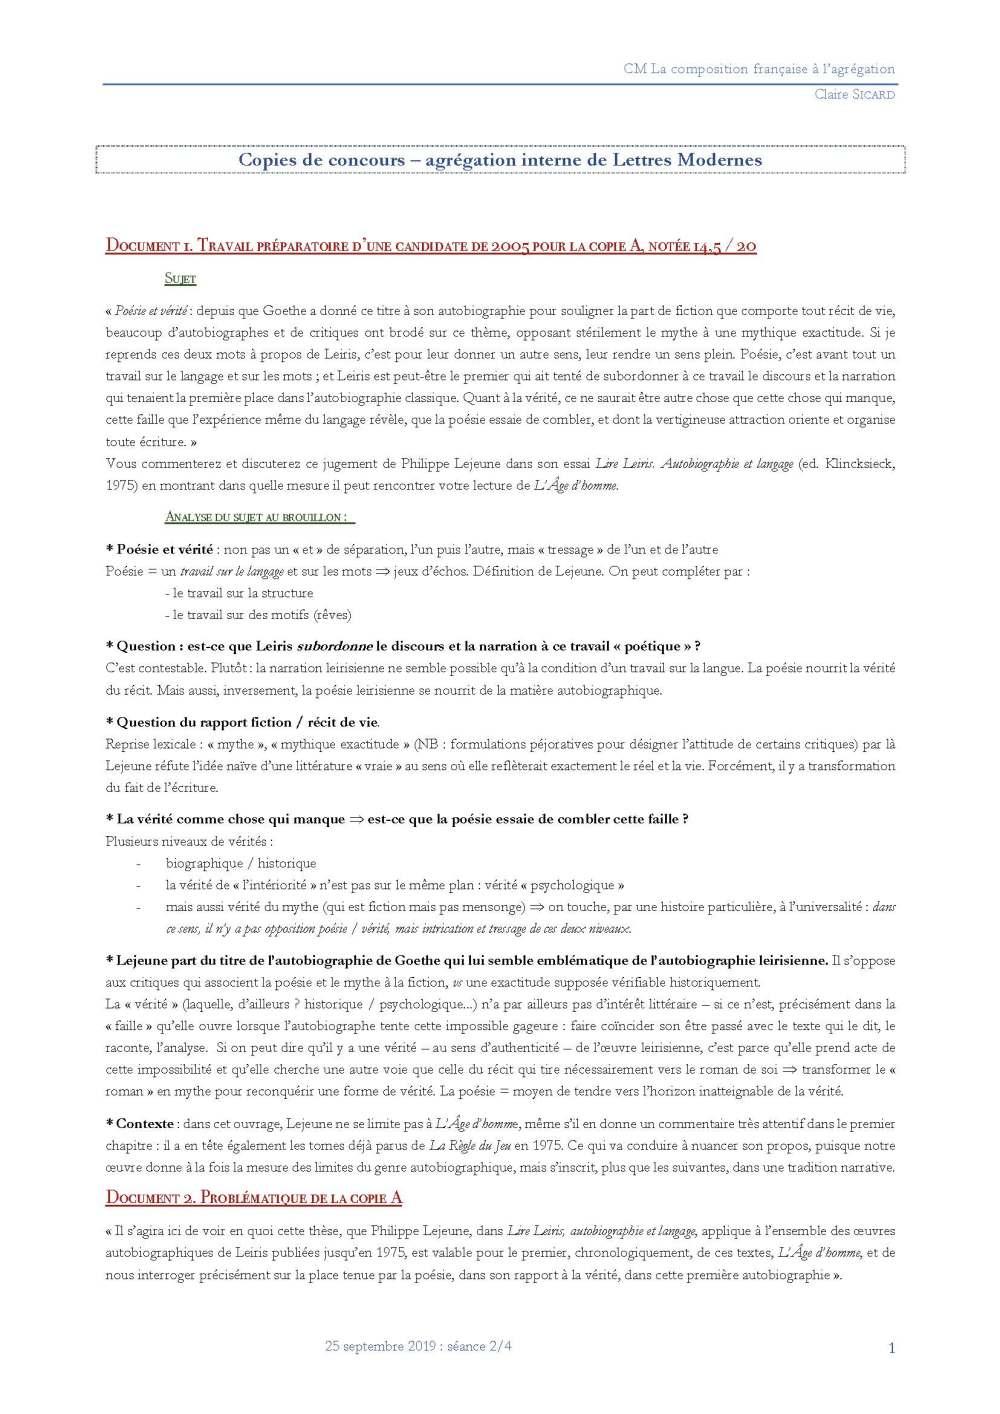 Exemplier_Methodo-dissert_250919_Page_1